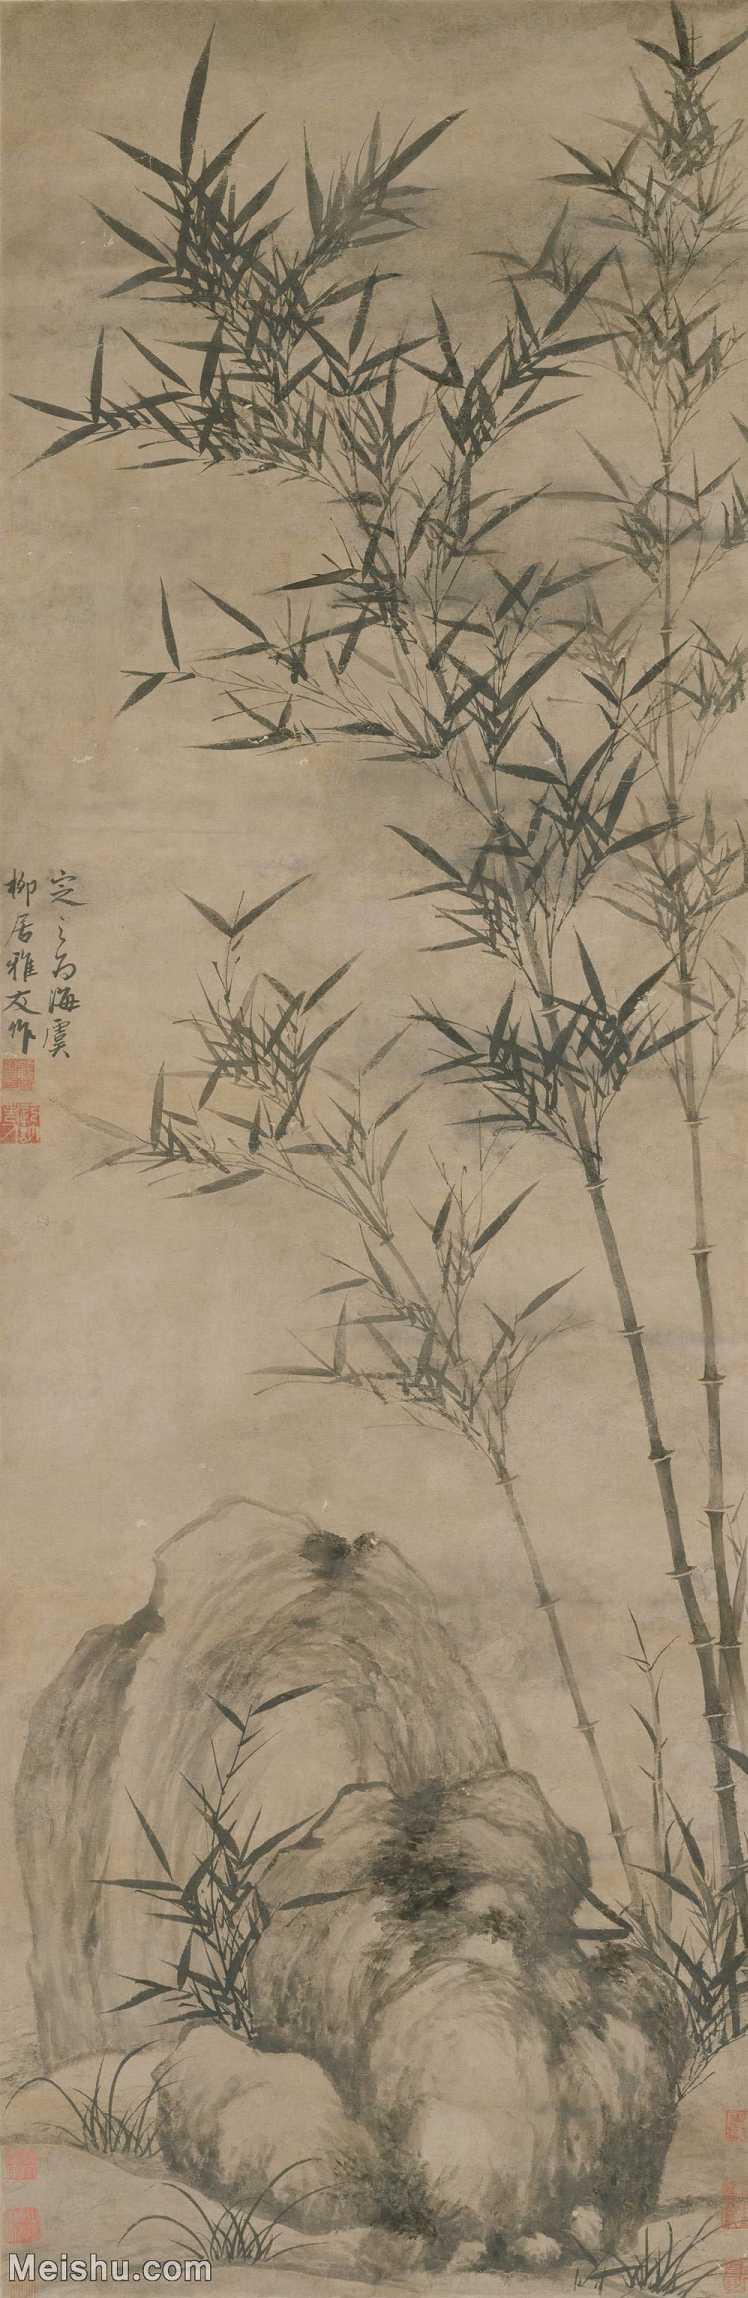 【超顶级】GH6085319古画树木植物-竹石图-元-顾安-纸本-30x92-90x276-墨竹子立轴图片-625M-8